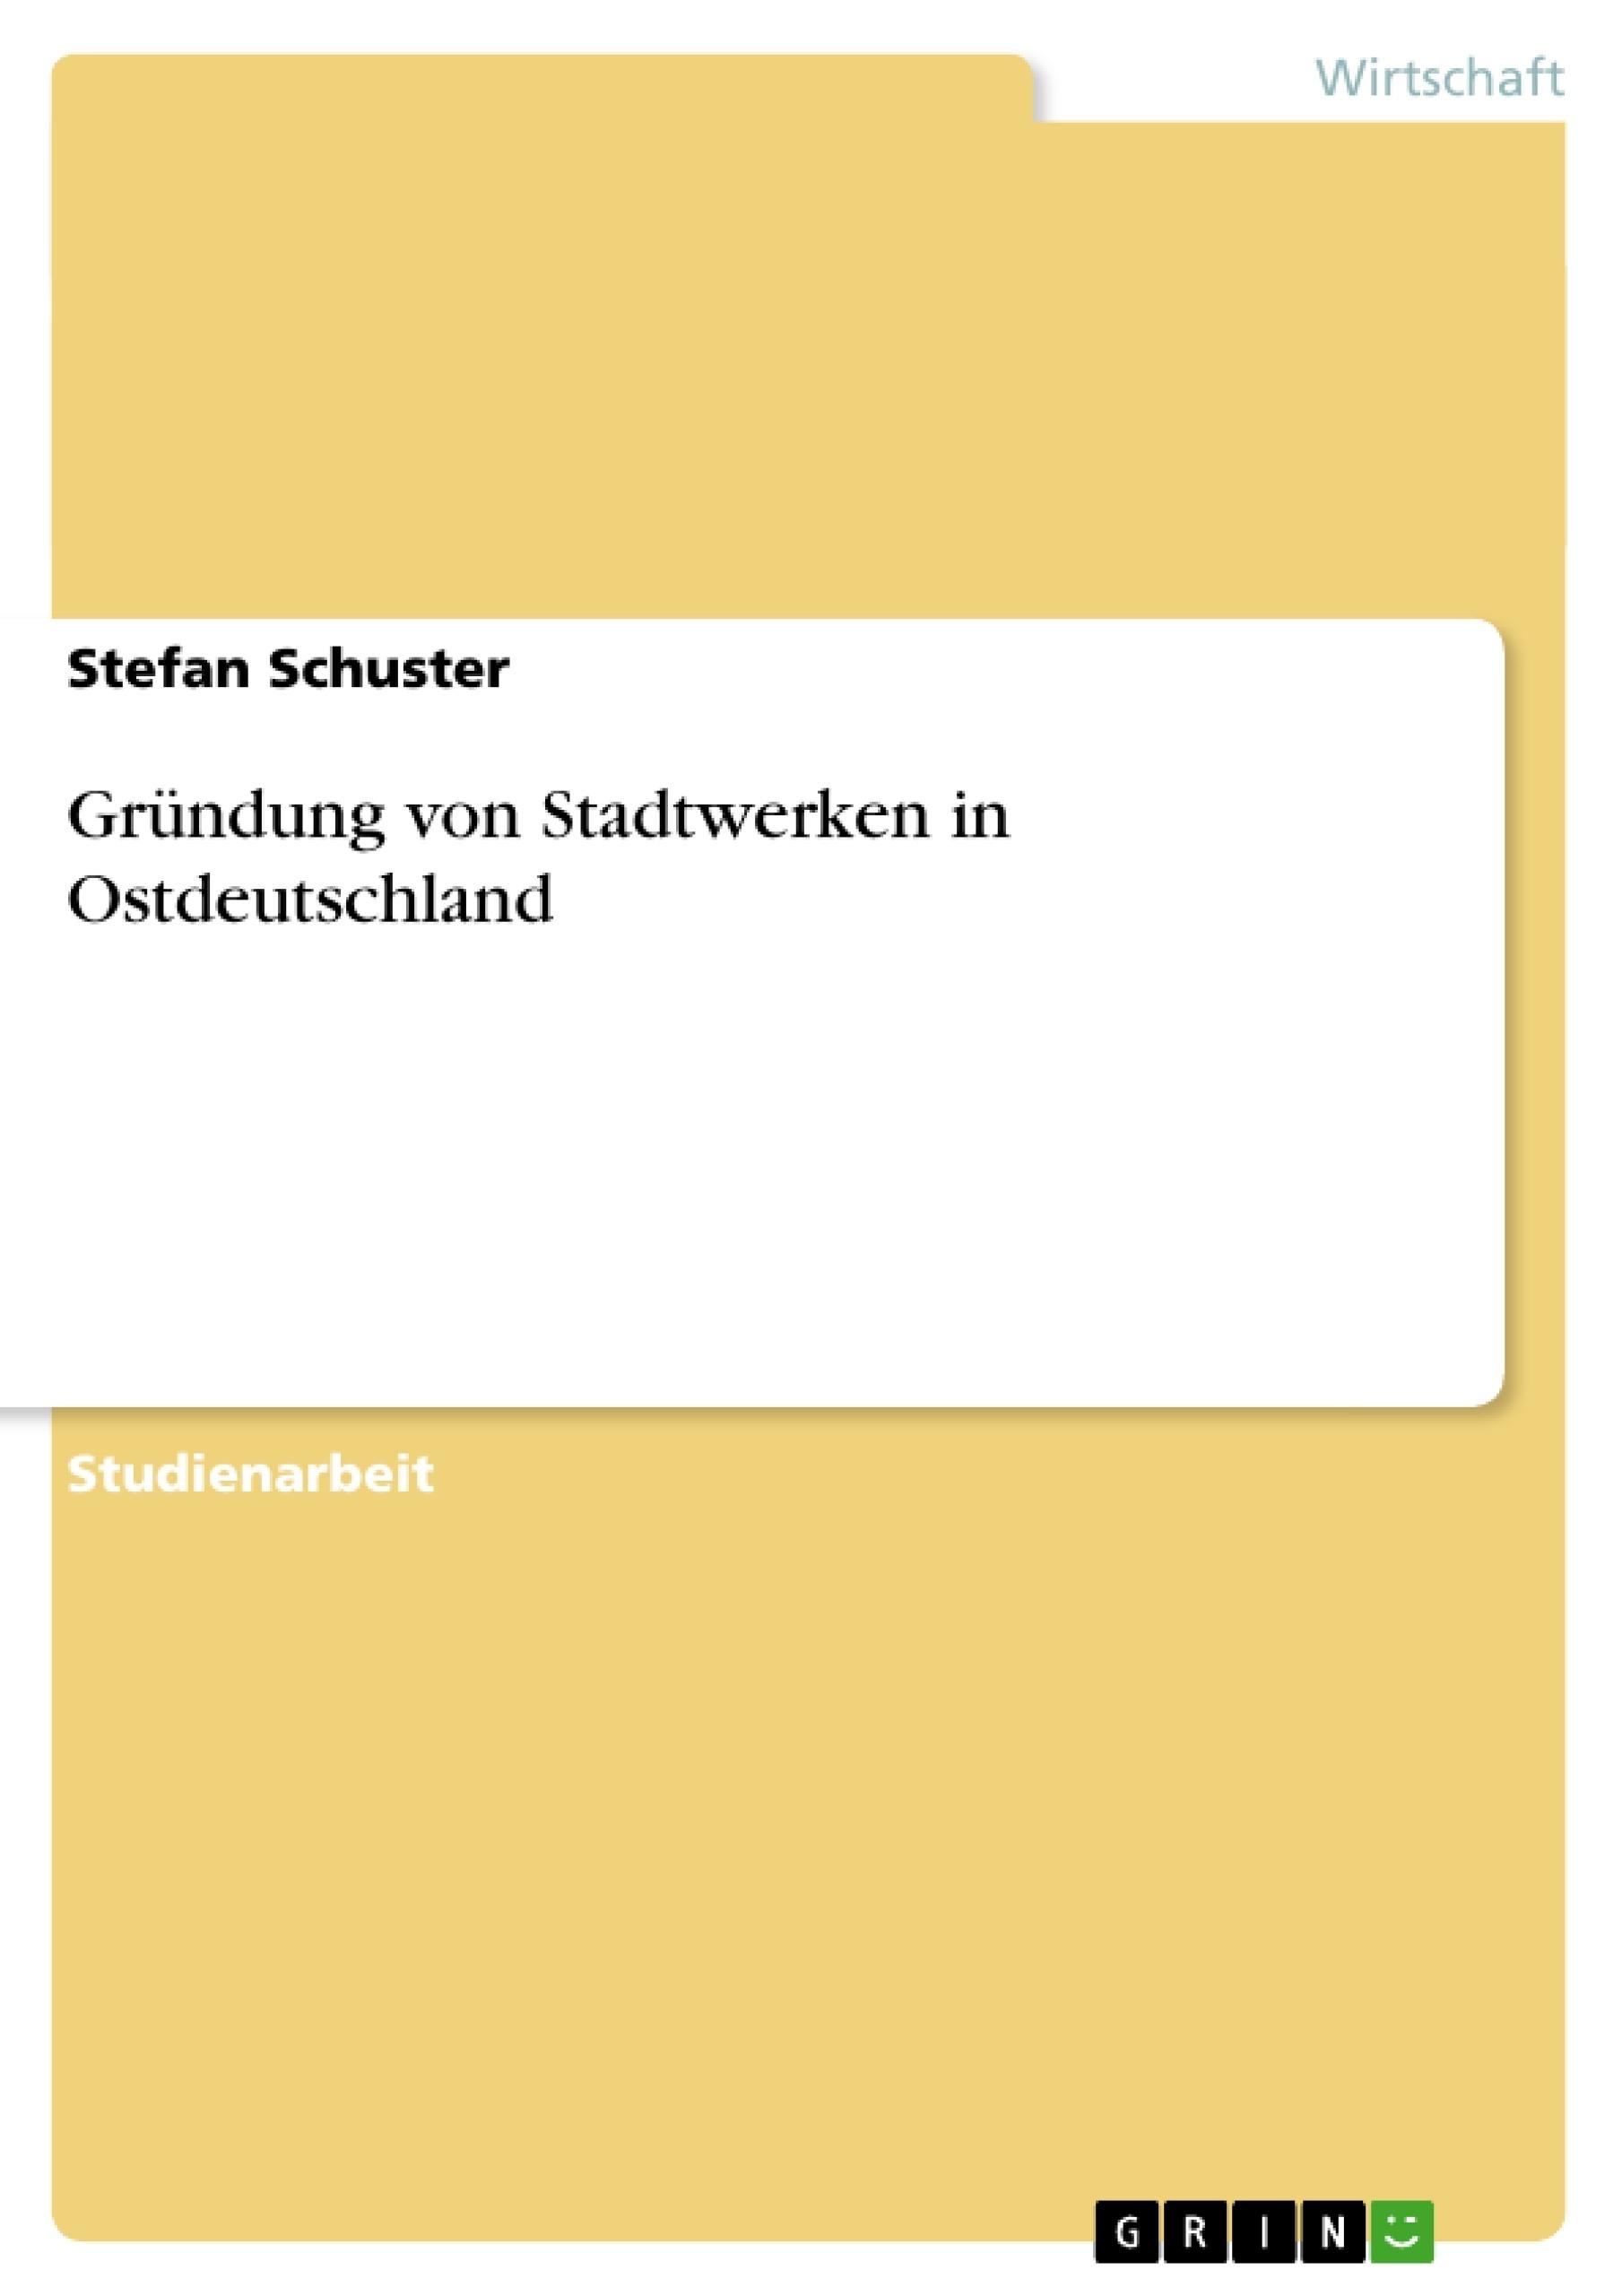 Titel: Gründung von Stadtwerken in Ostdeutschland